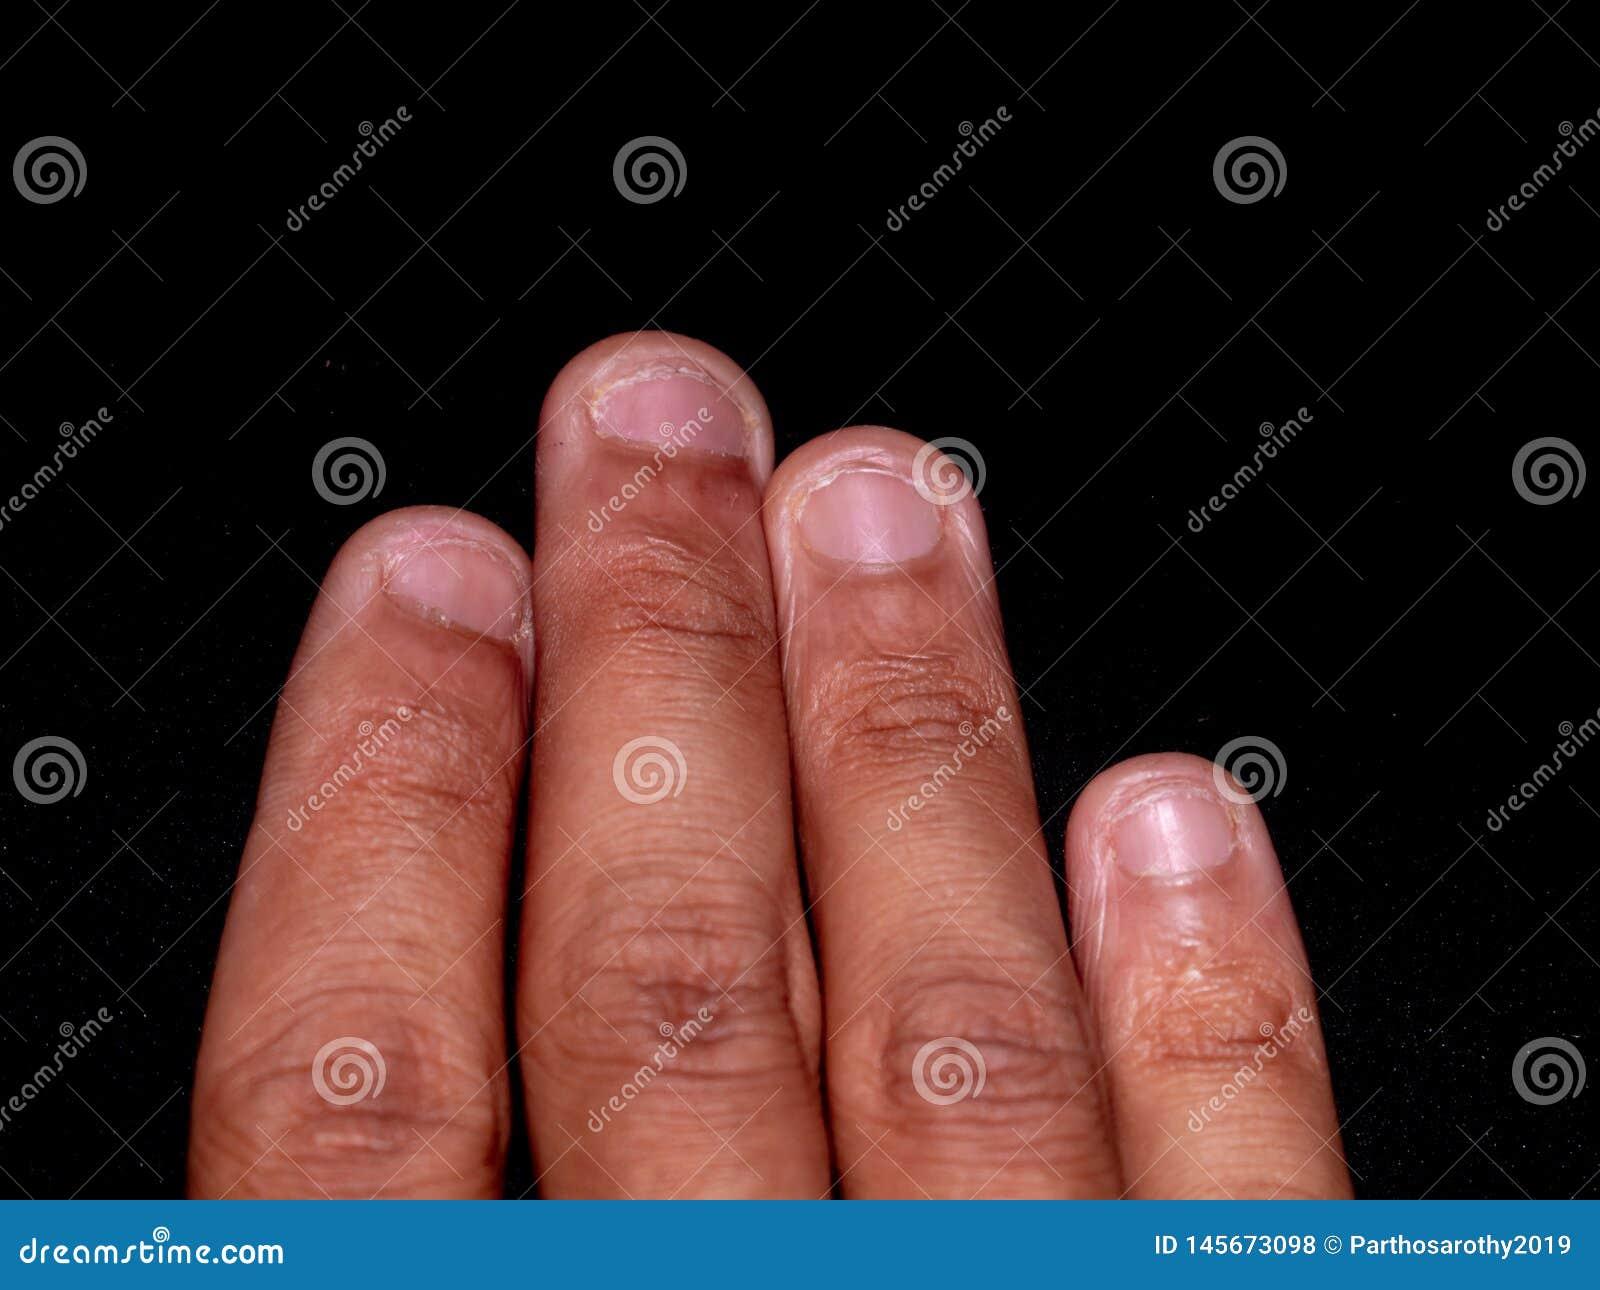 A photo of nails cut by teeth. Nail biting